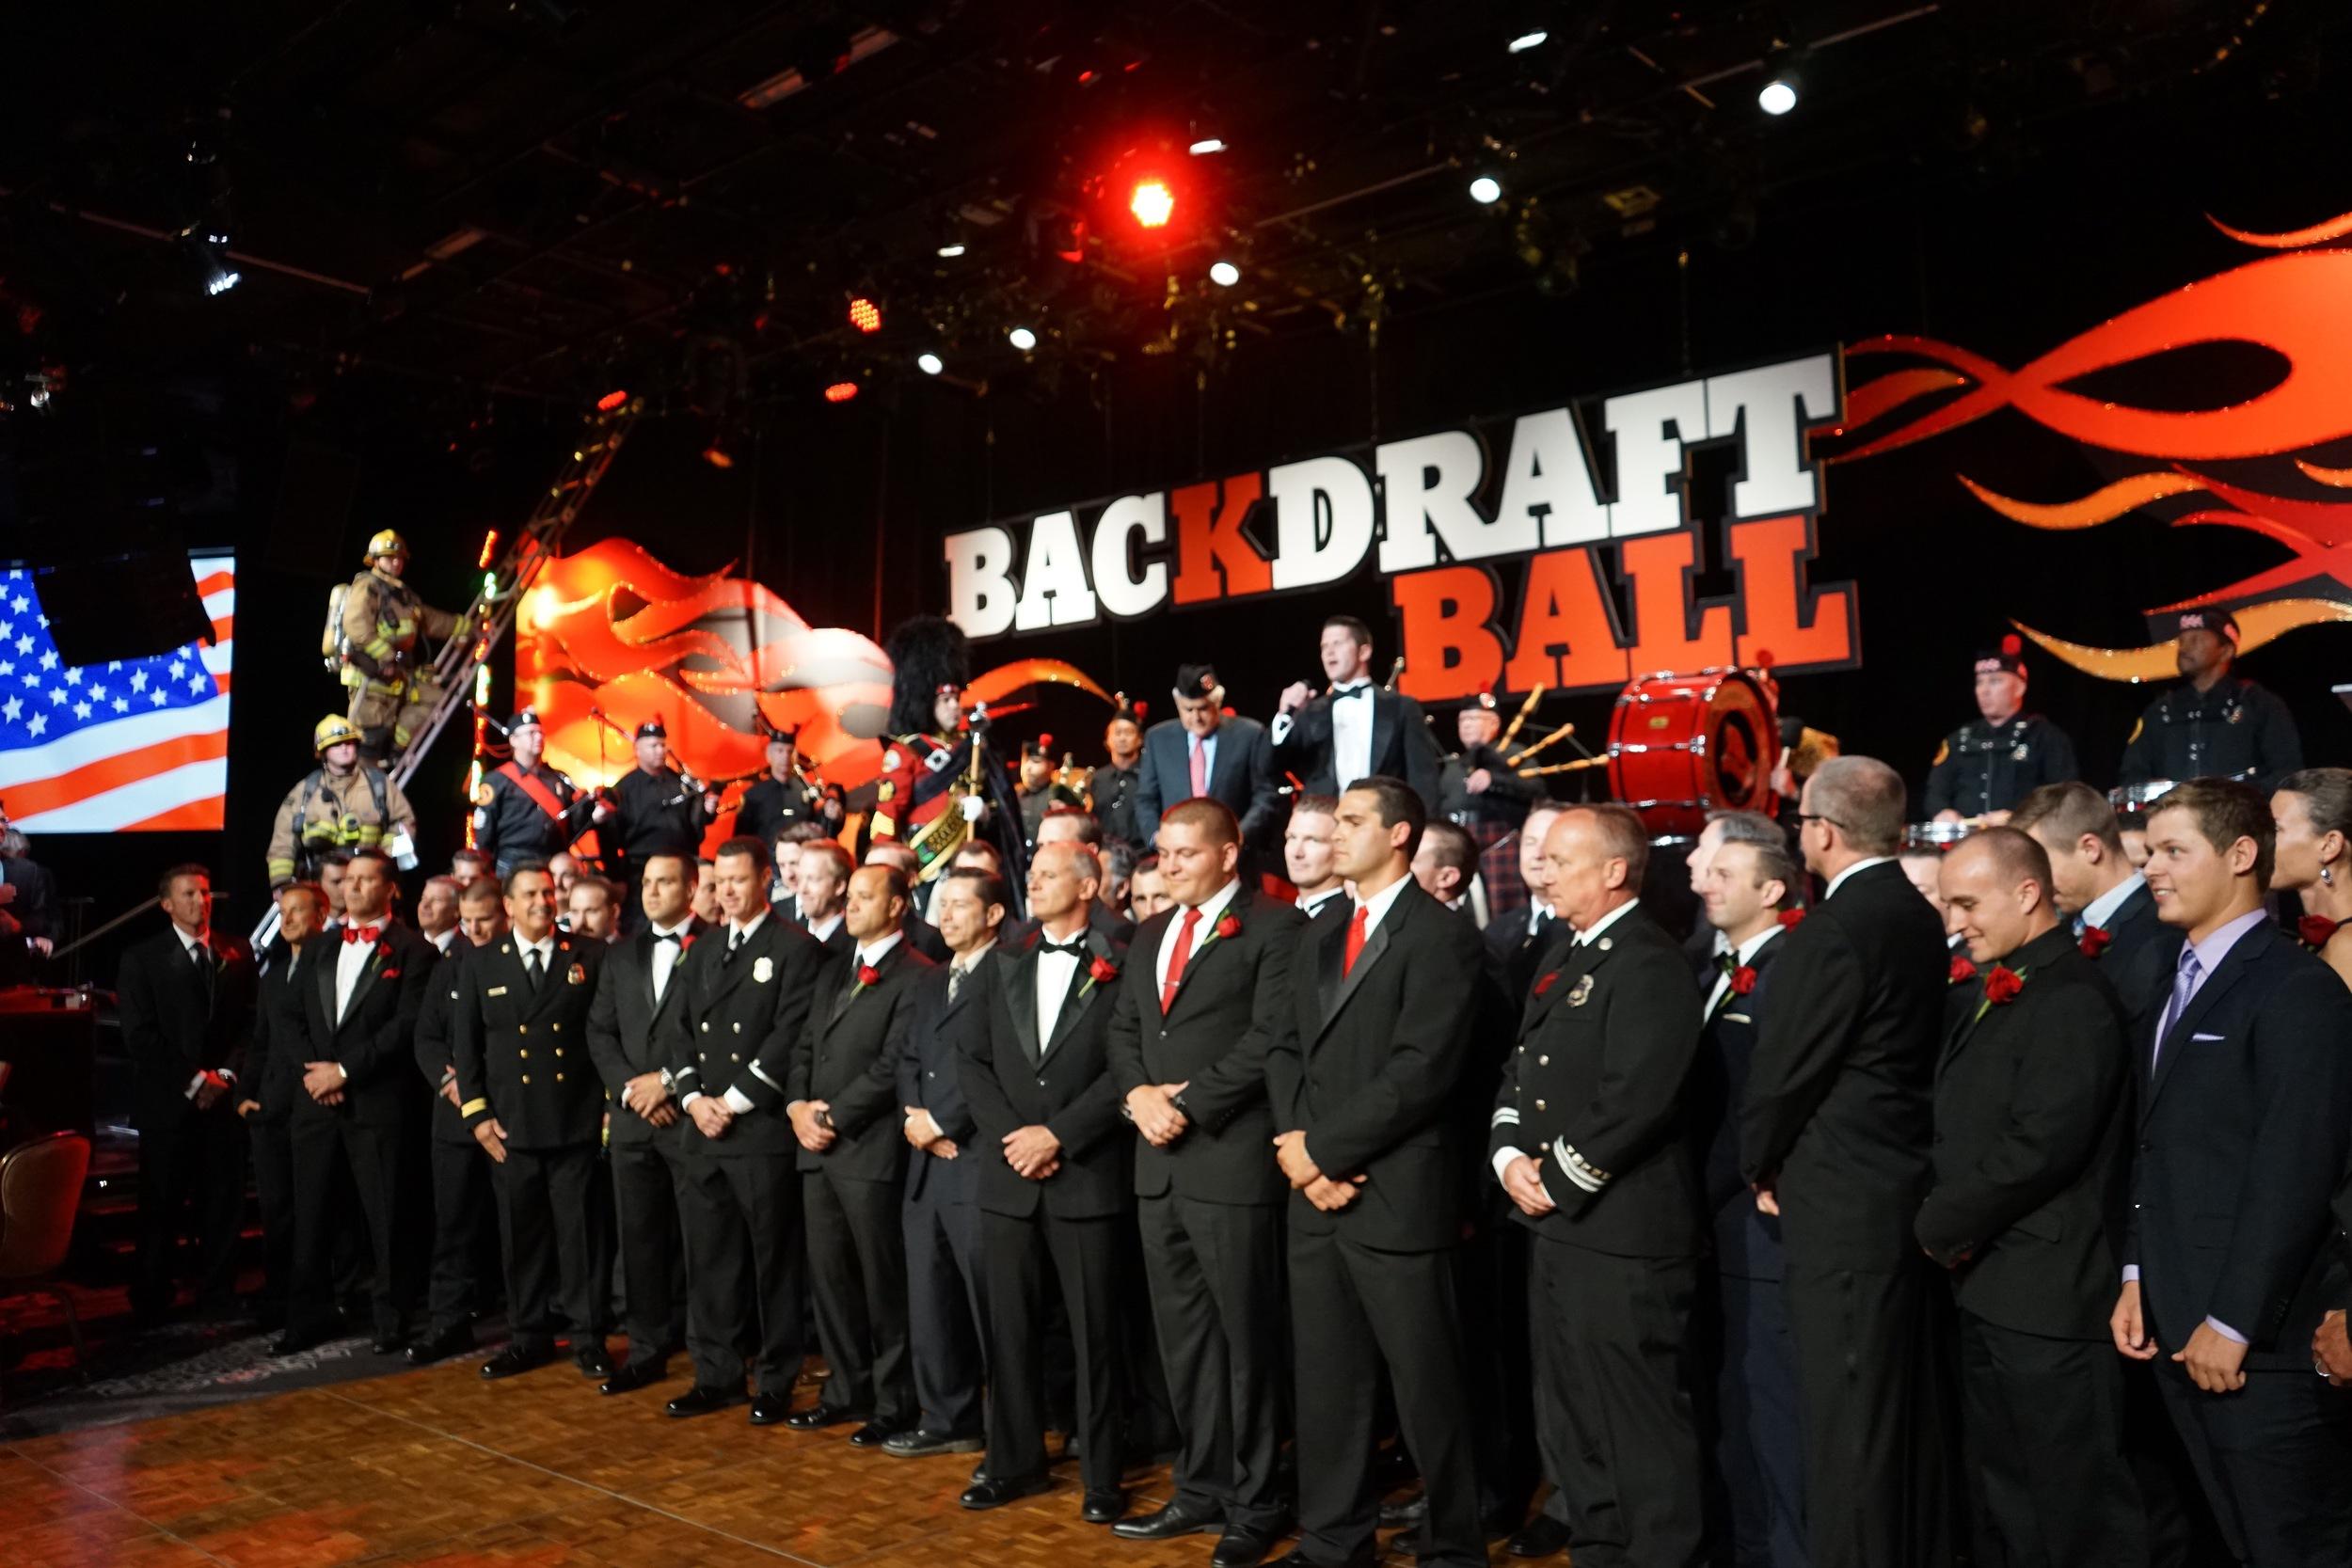 Backdraft Ball 2015